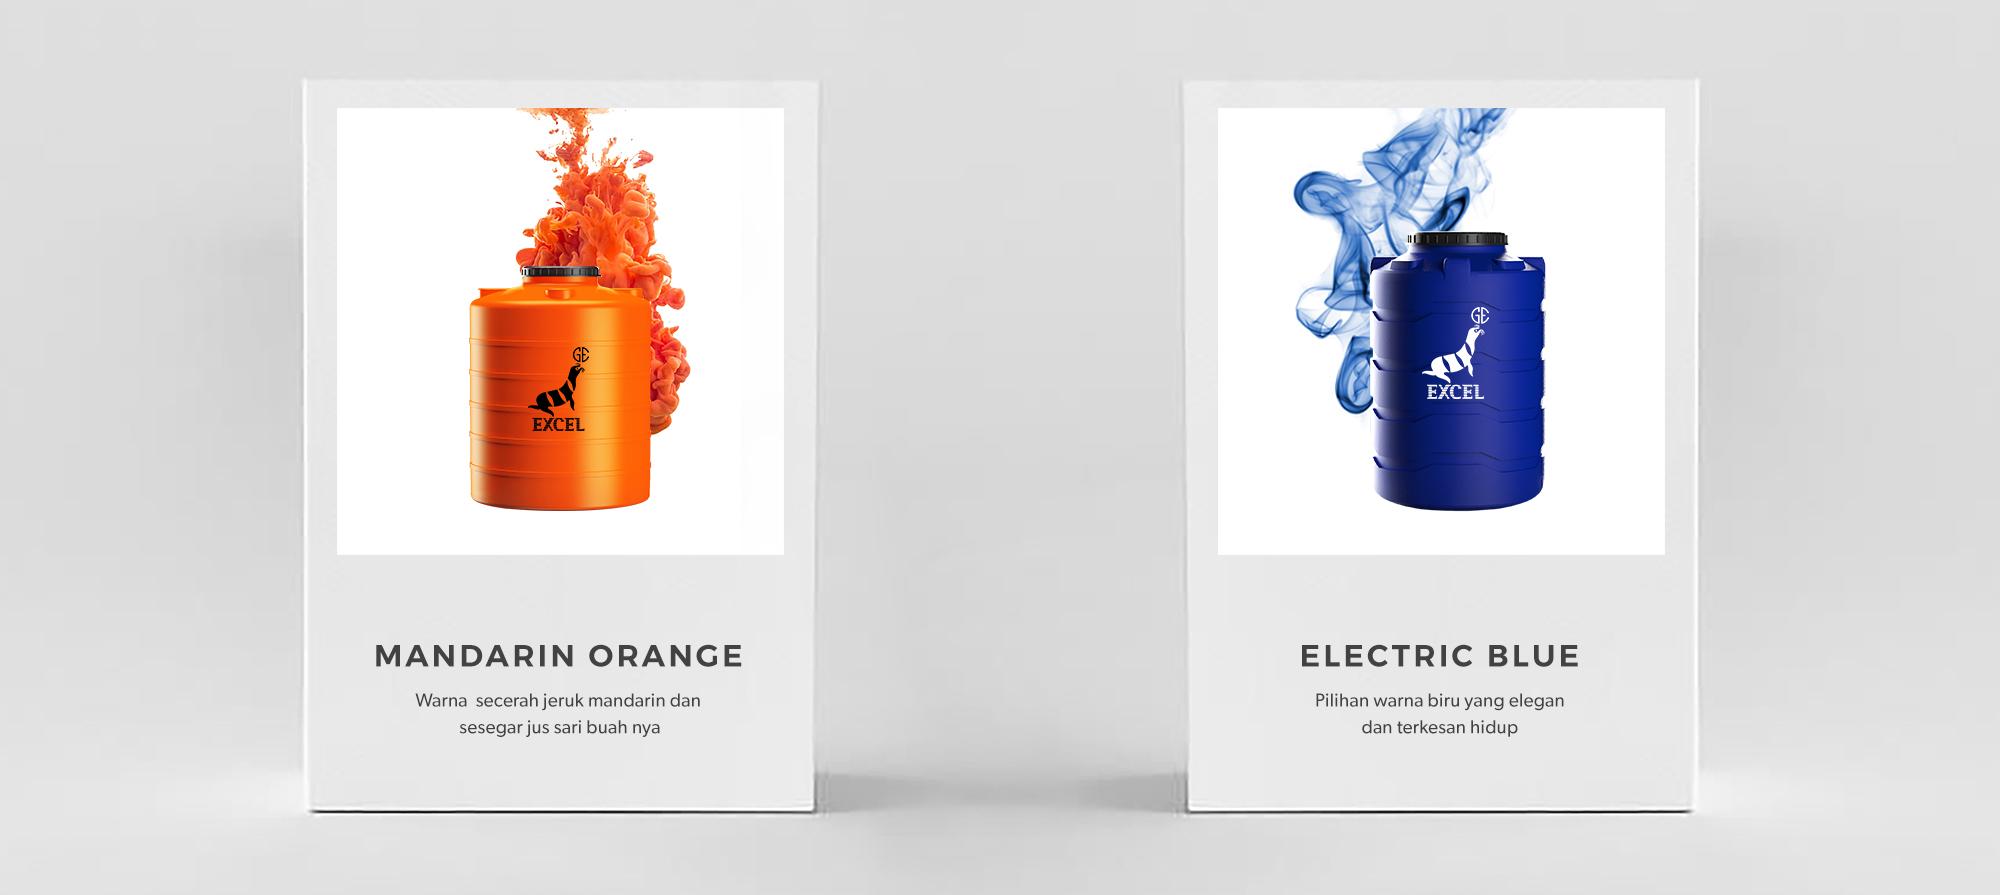 Warna Mandarin Orange dan Electric Blue